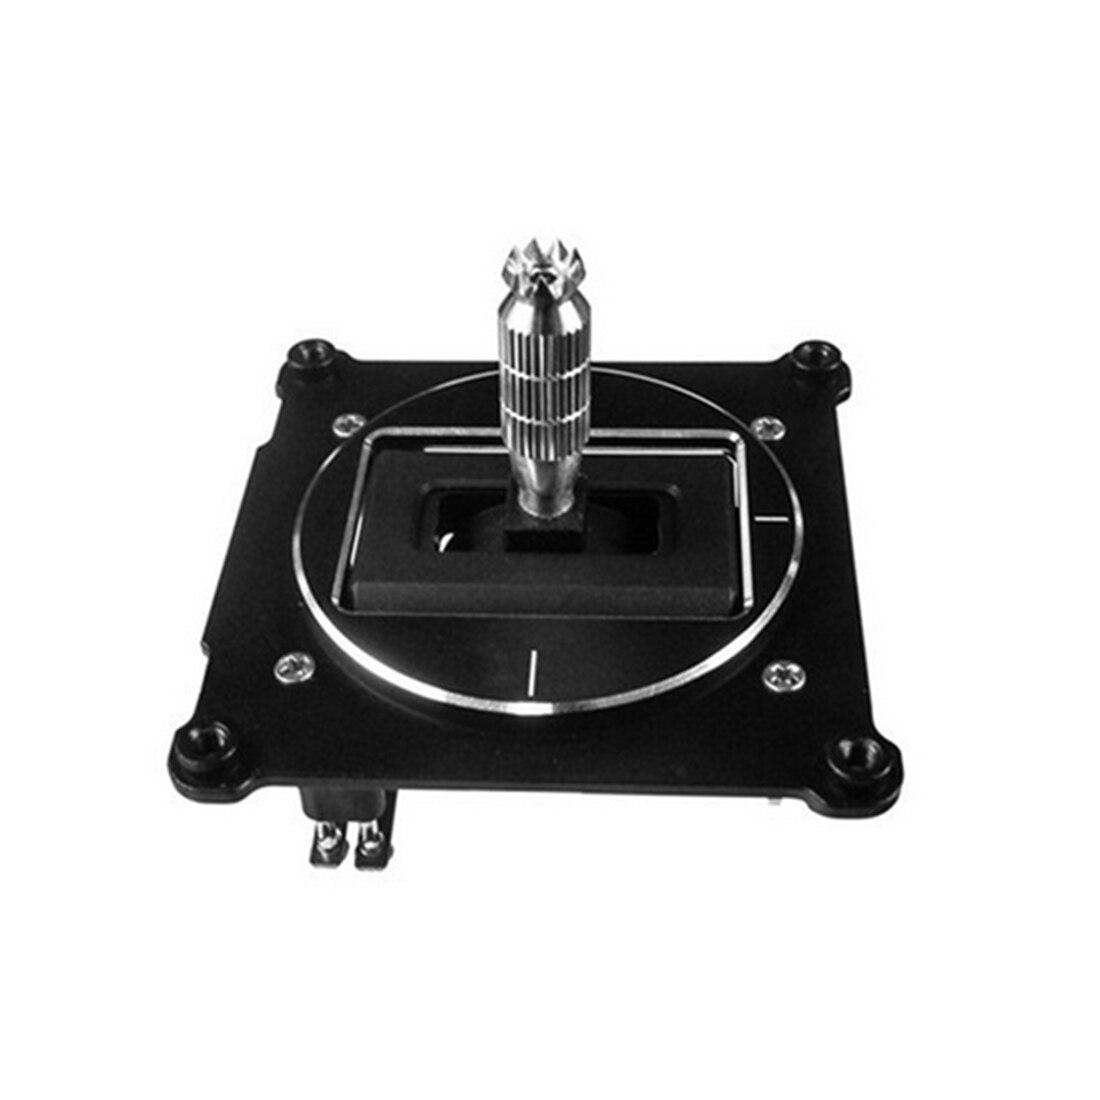 ФОТО Frsky M9-Gimbal M9 High Sensitivity Hall Sensor Gimbal for Taranis X9D